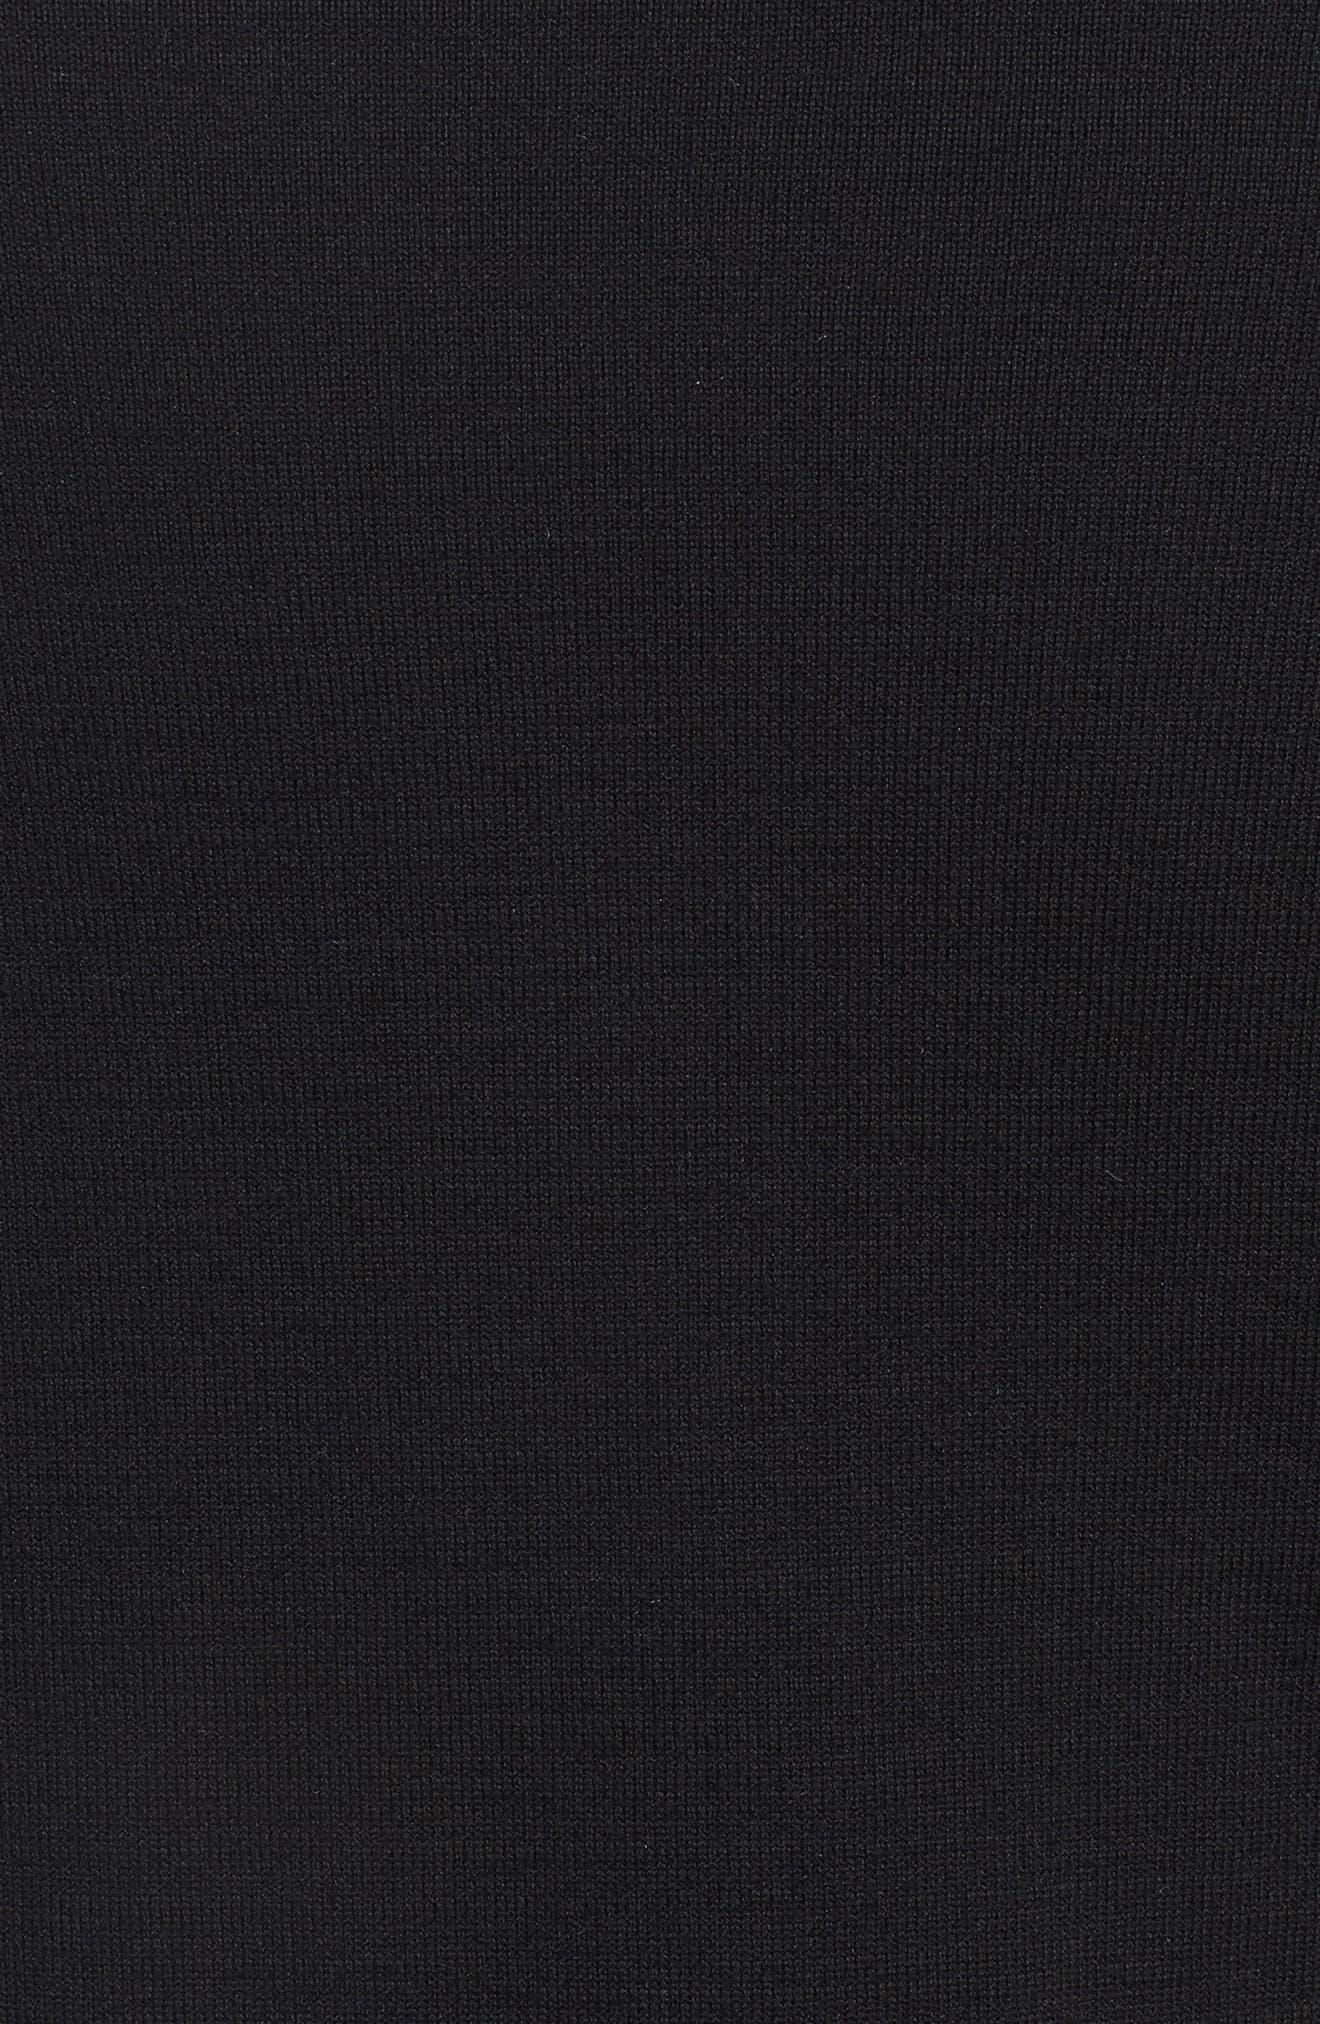 TW Cotton Blend Sweatshirt,                             Alternate thumbnail 5, color,                             Black/ Black